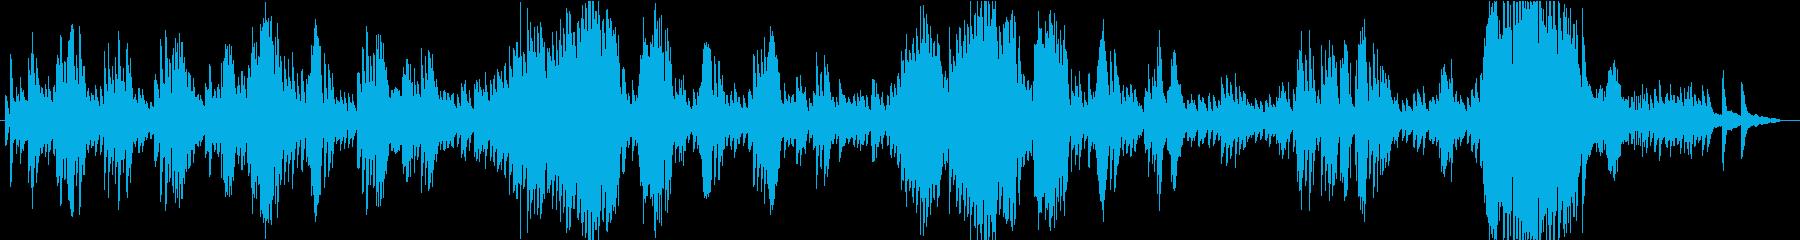 ショパン ノクターン第2番 ピアノ演奏の再生済みの波形